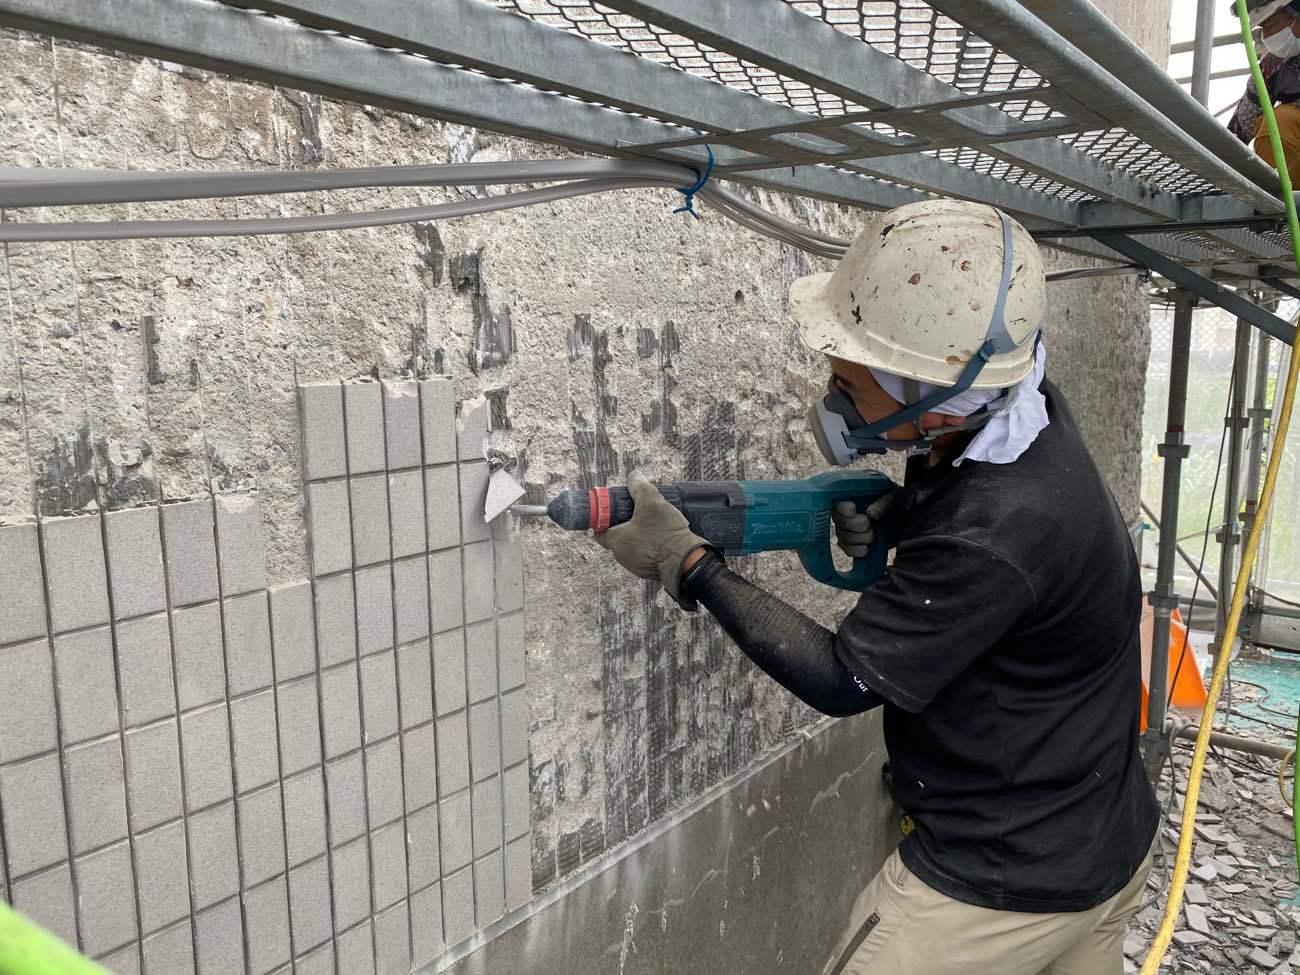 ALC外壁の新たな改修提案①